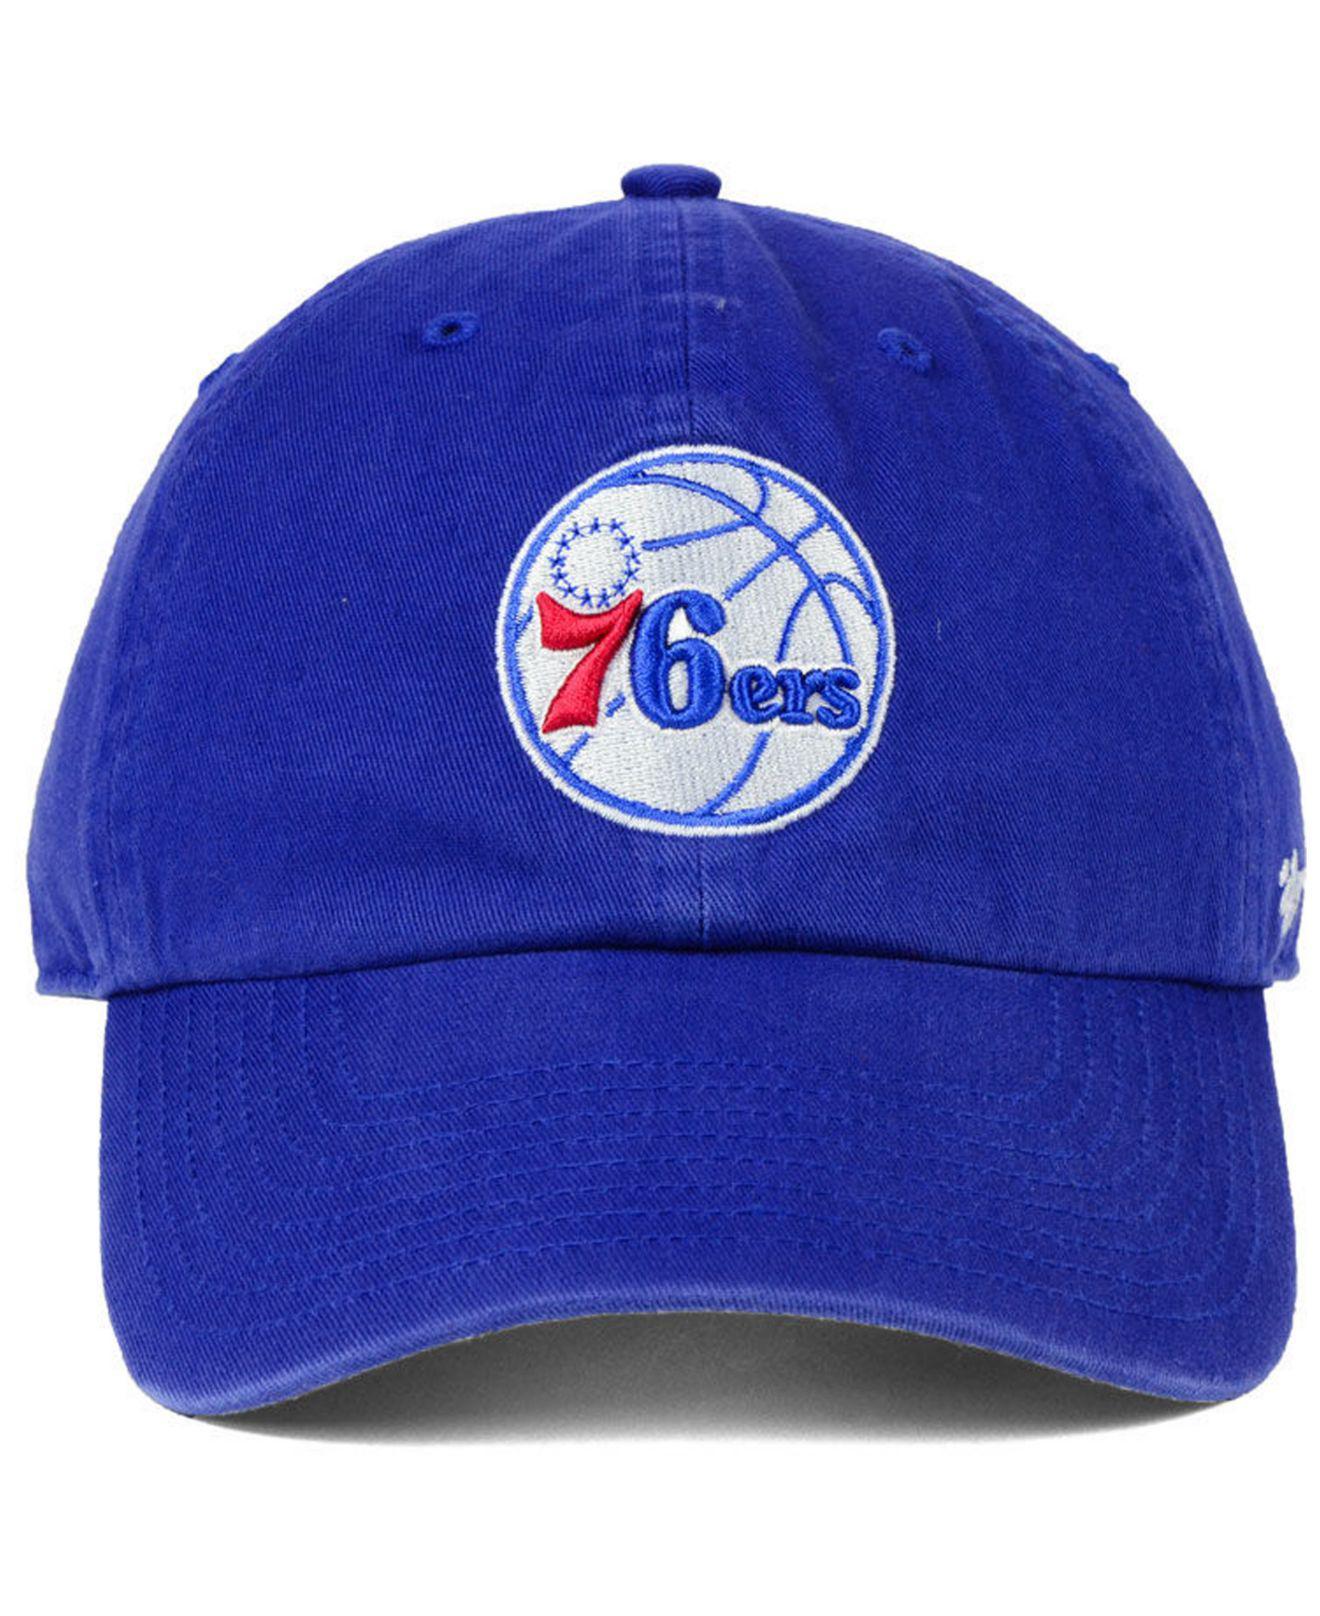 e1f97808d2ef9 47 Brand Philadelphia 76ers Clean Up Cap in Blue for Men - Lyst